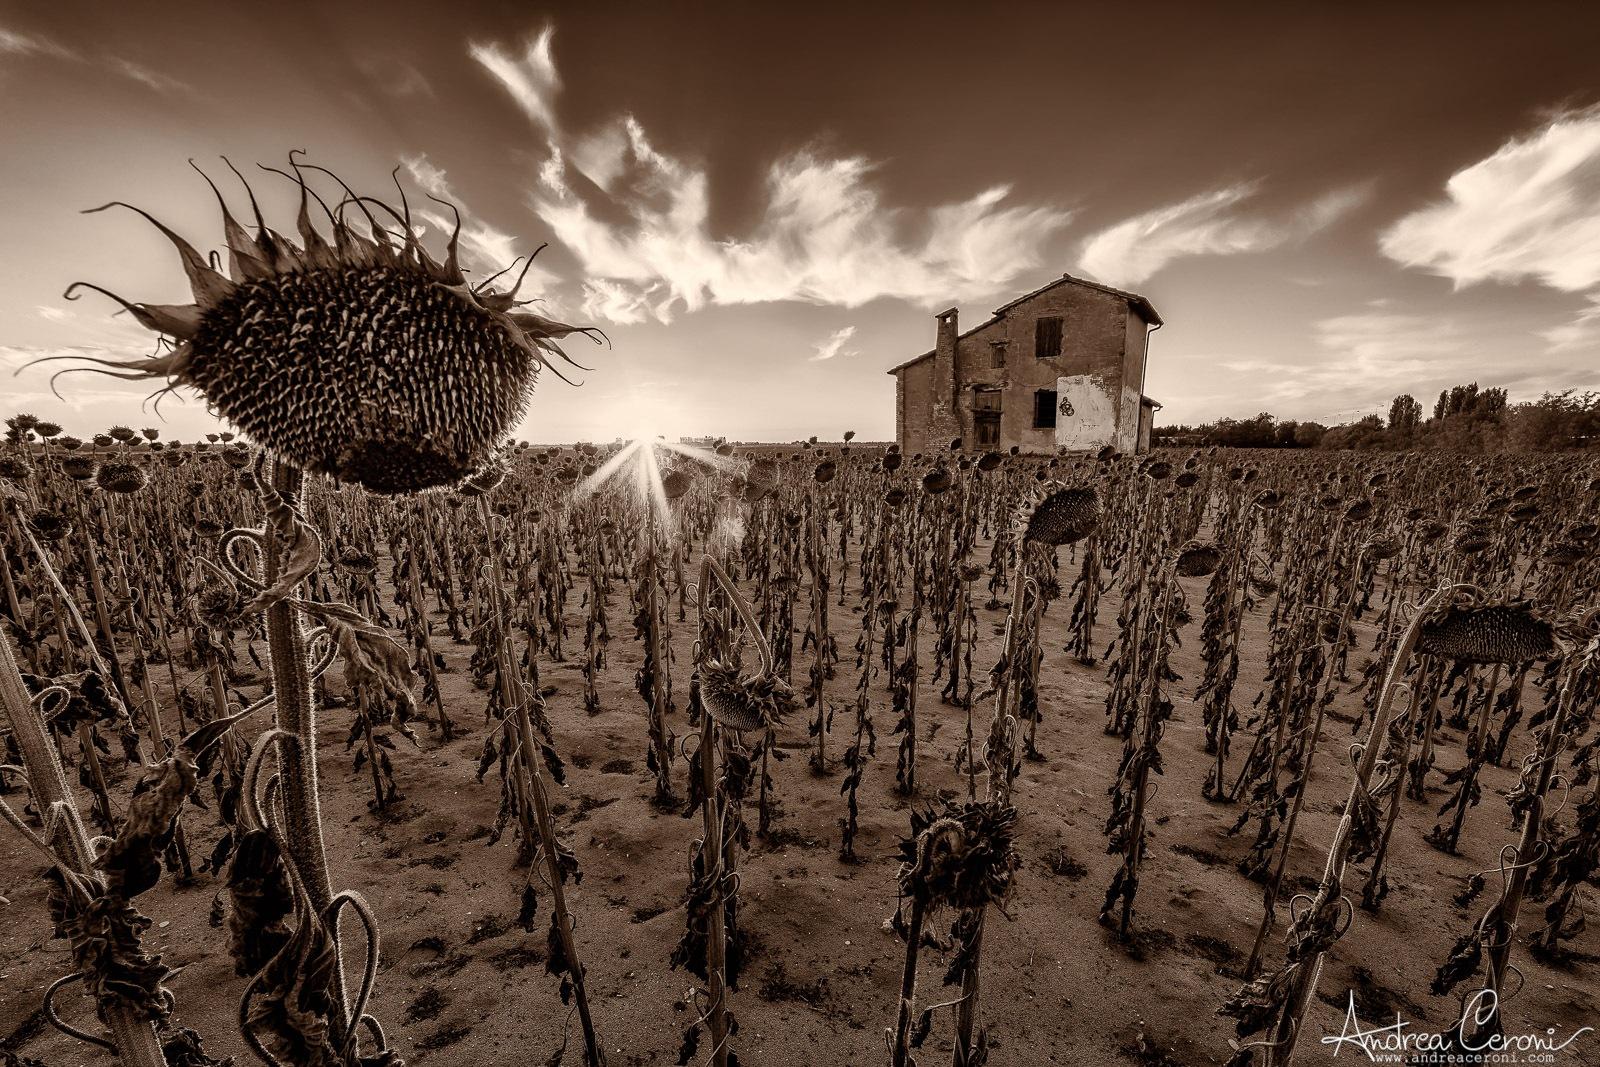 Girar by Andrea Ceroni